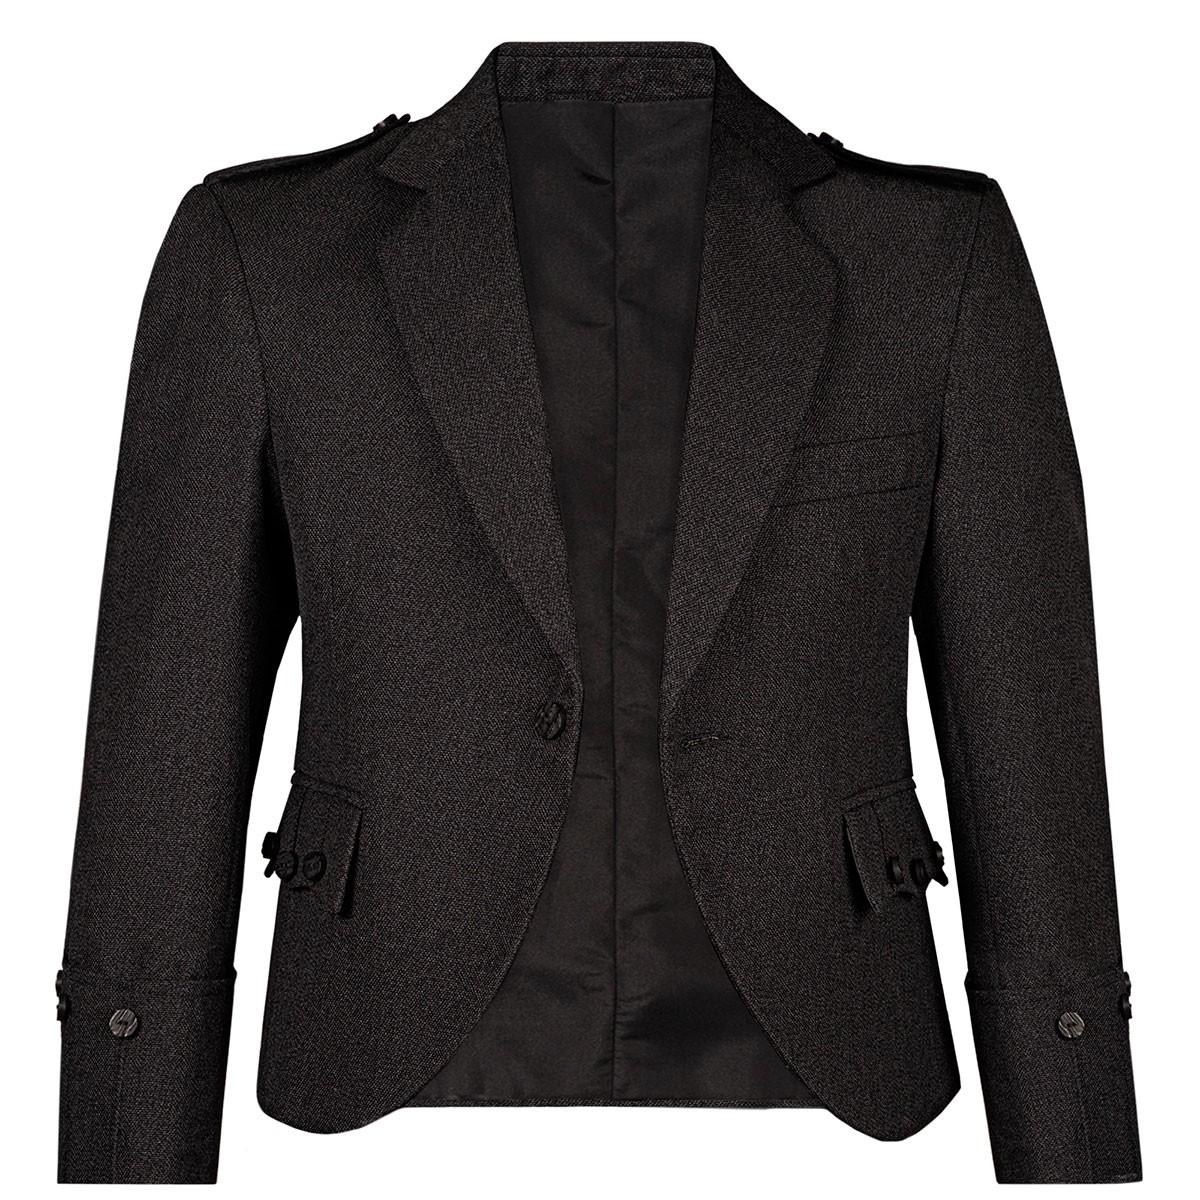 Lochinver Tweed Argyll Kilt Jacket